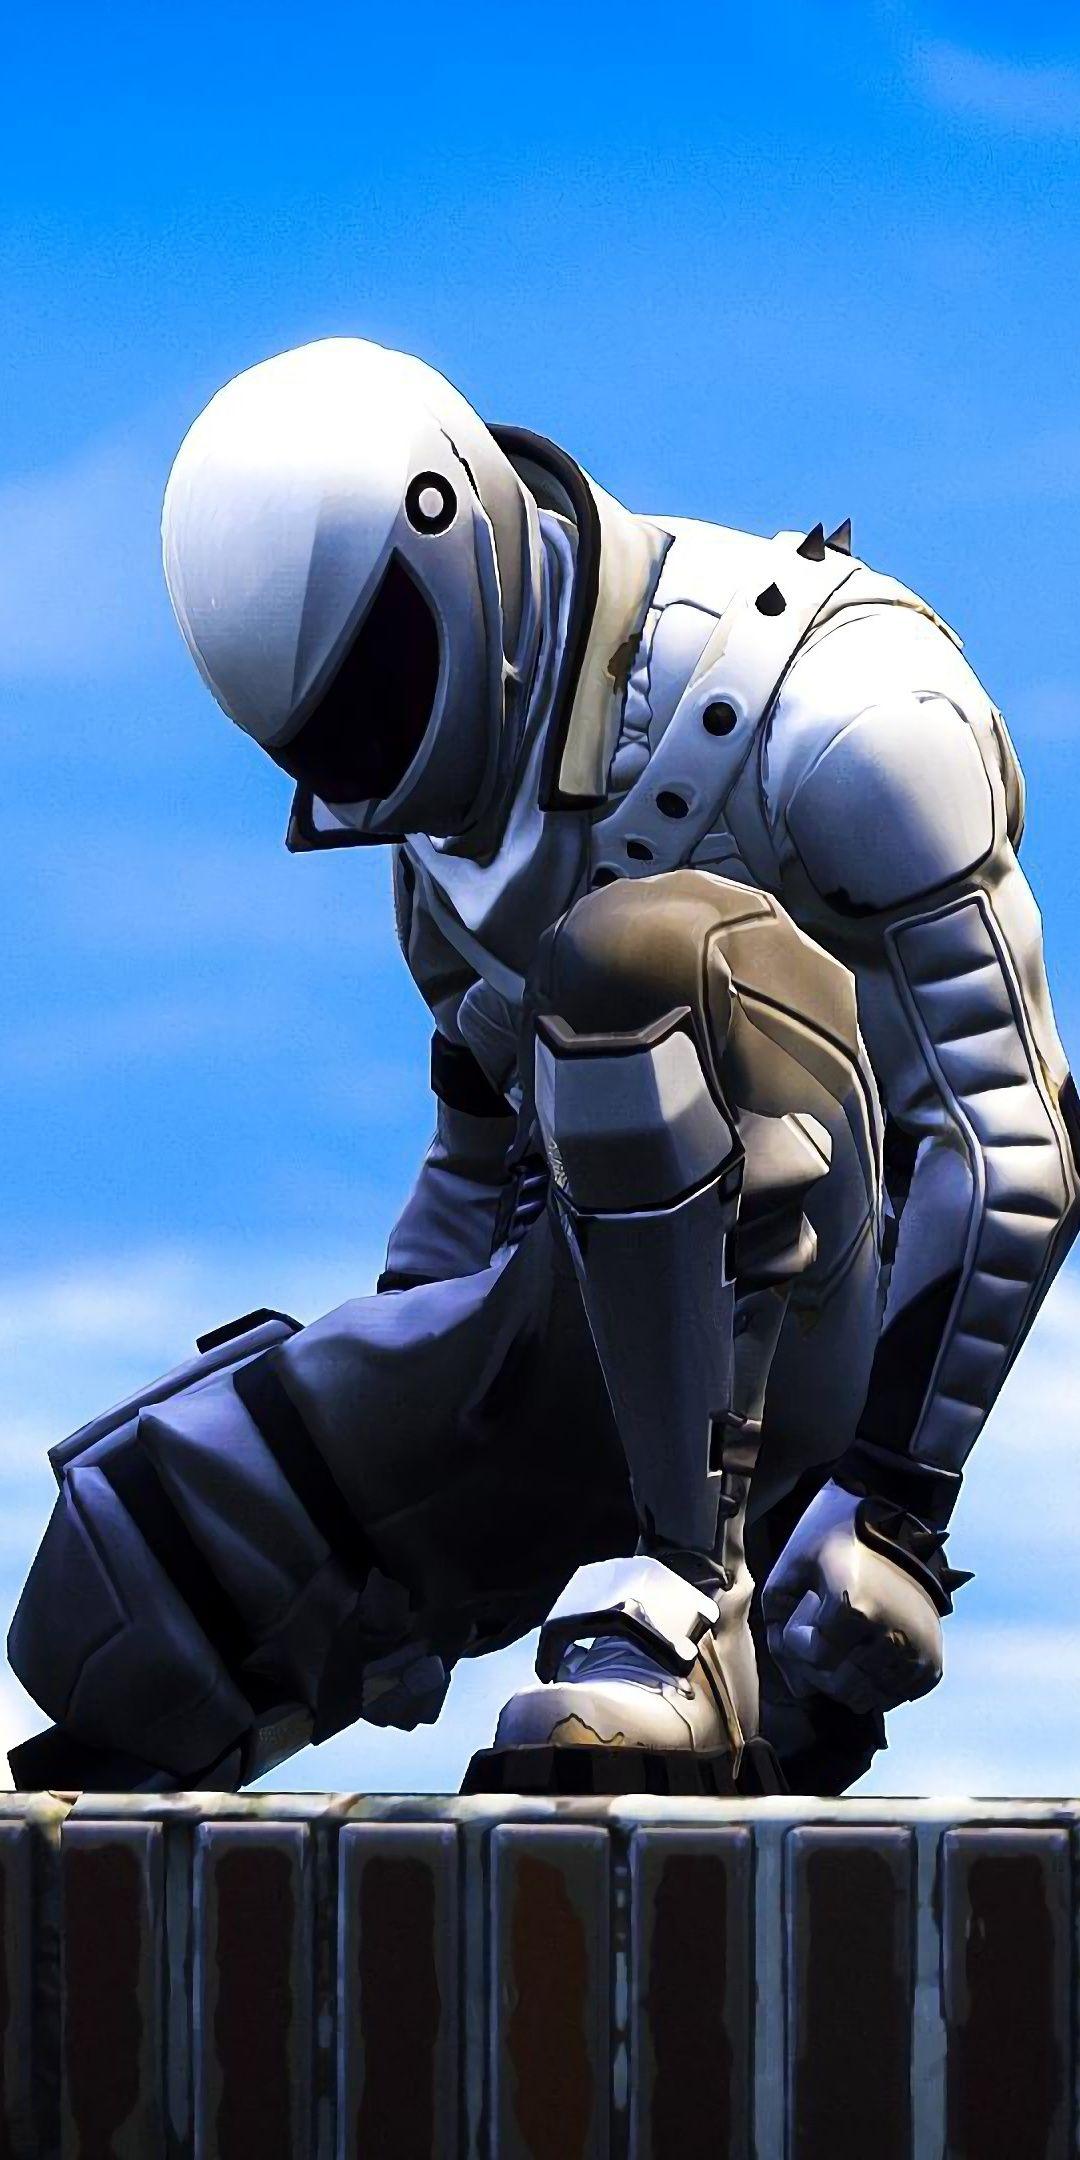 Overtaker, Fortnite Battle Royale, 2018, 1080x2160